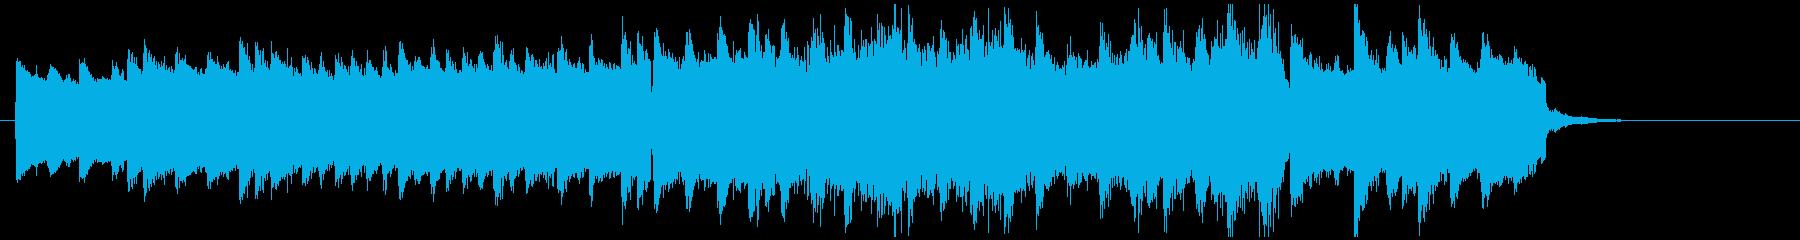 感動的、映画的なピアノの旋律のBGMの再生済みの波形